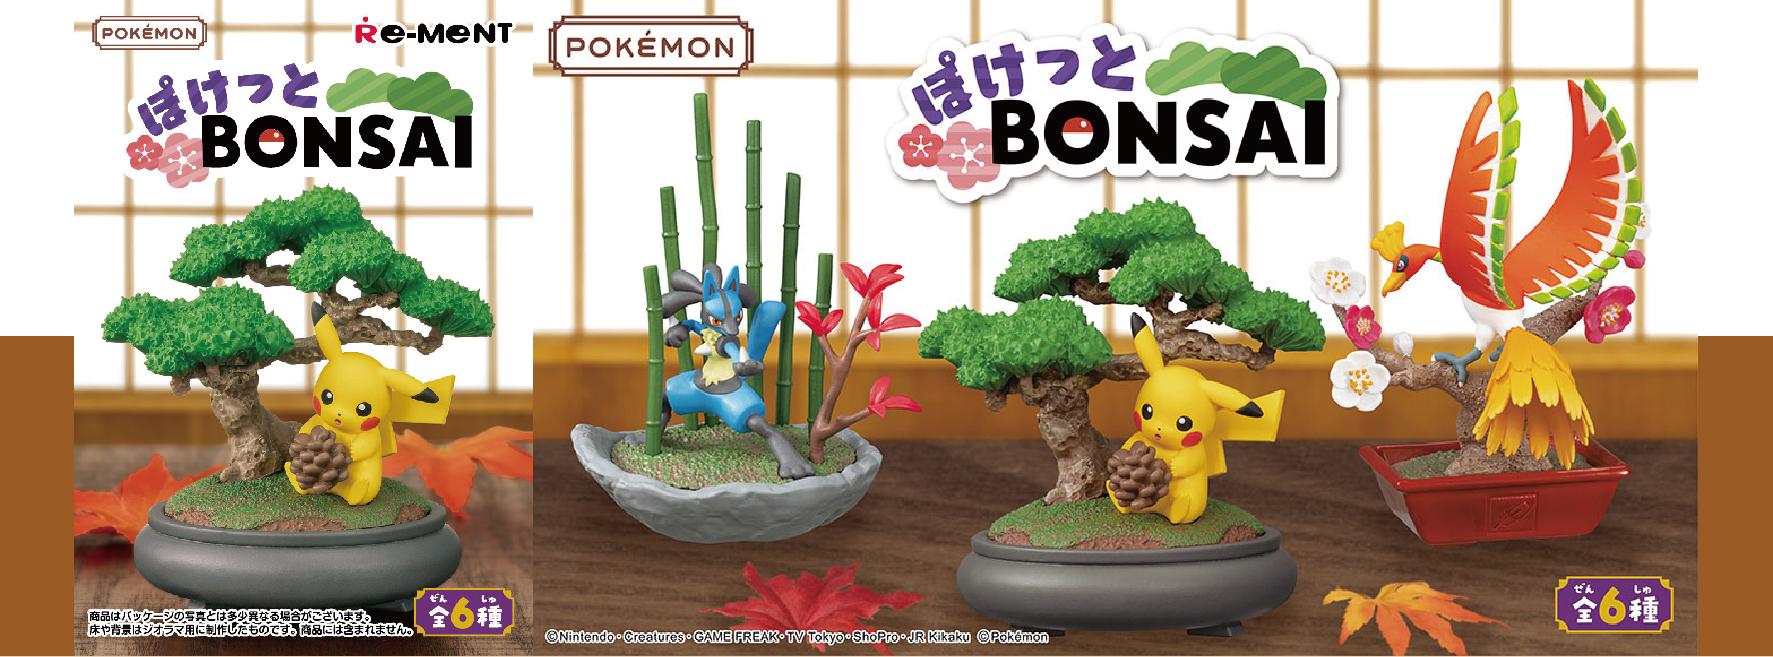 寶可夢Pokémon - HobbyToy 哈玩具